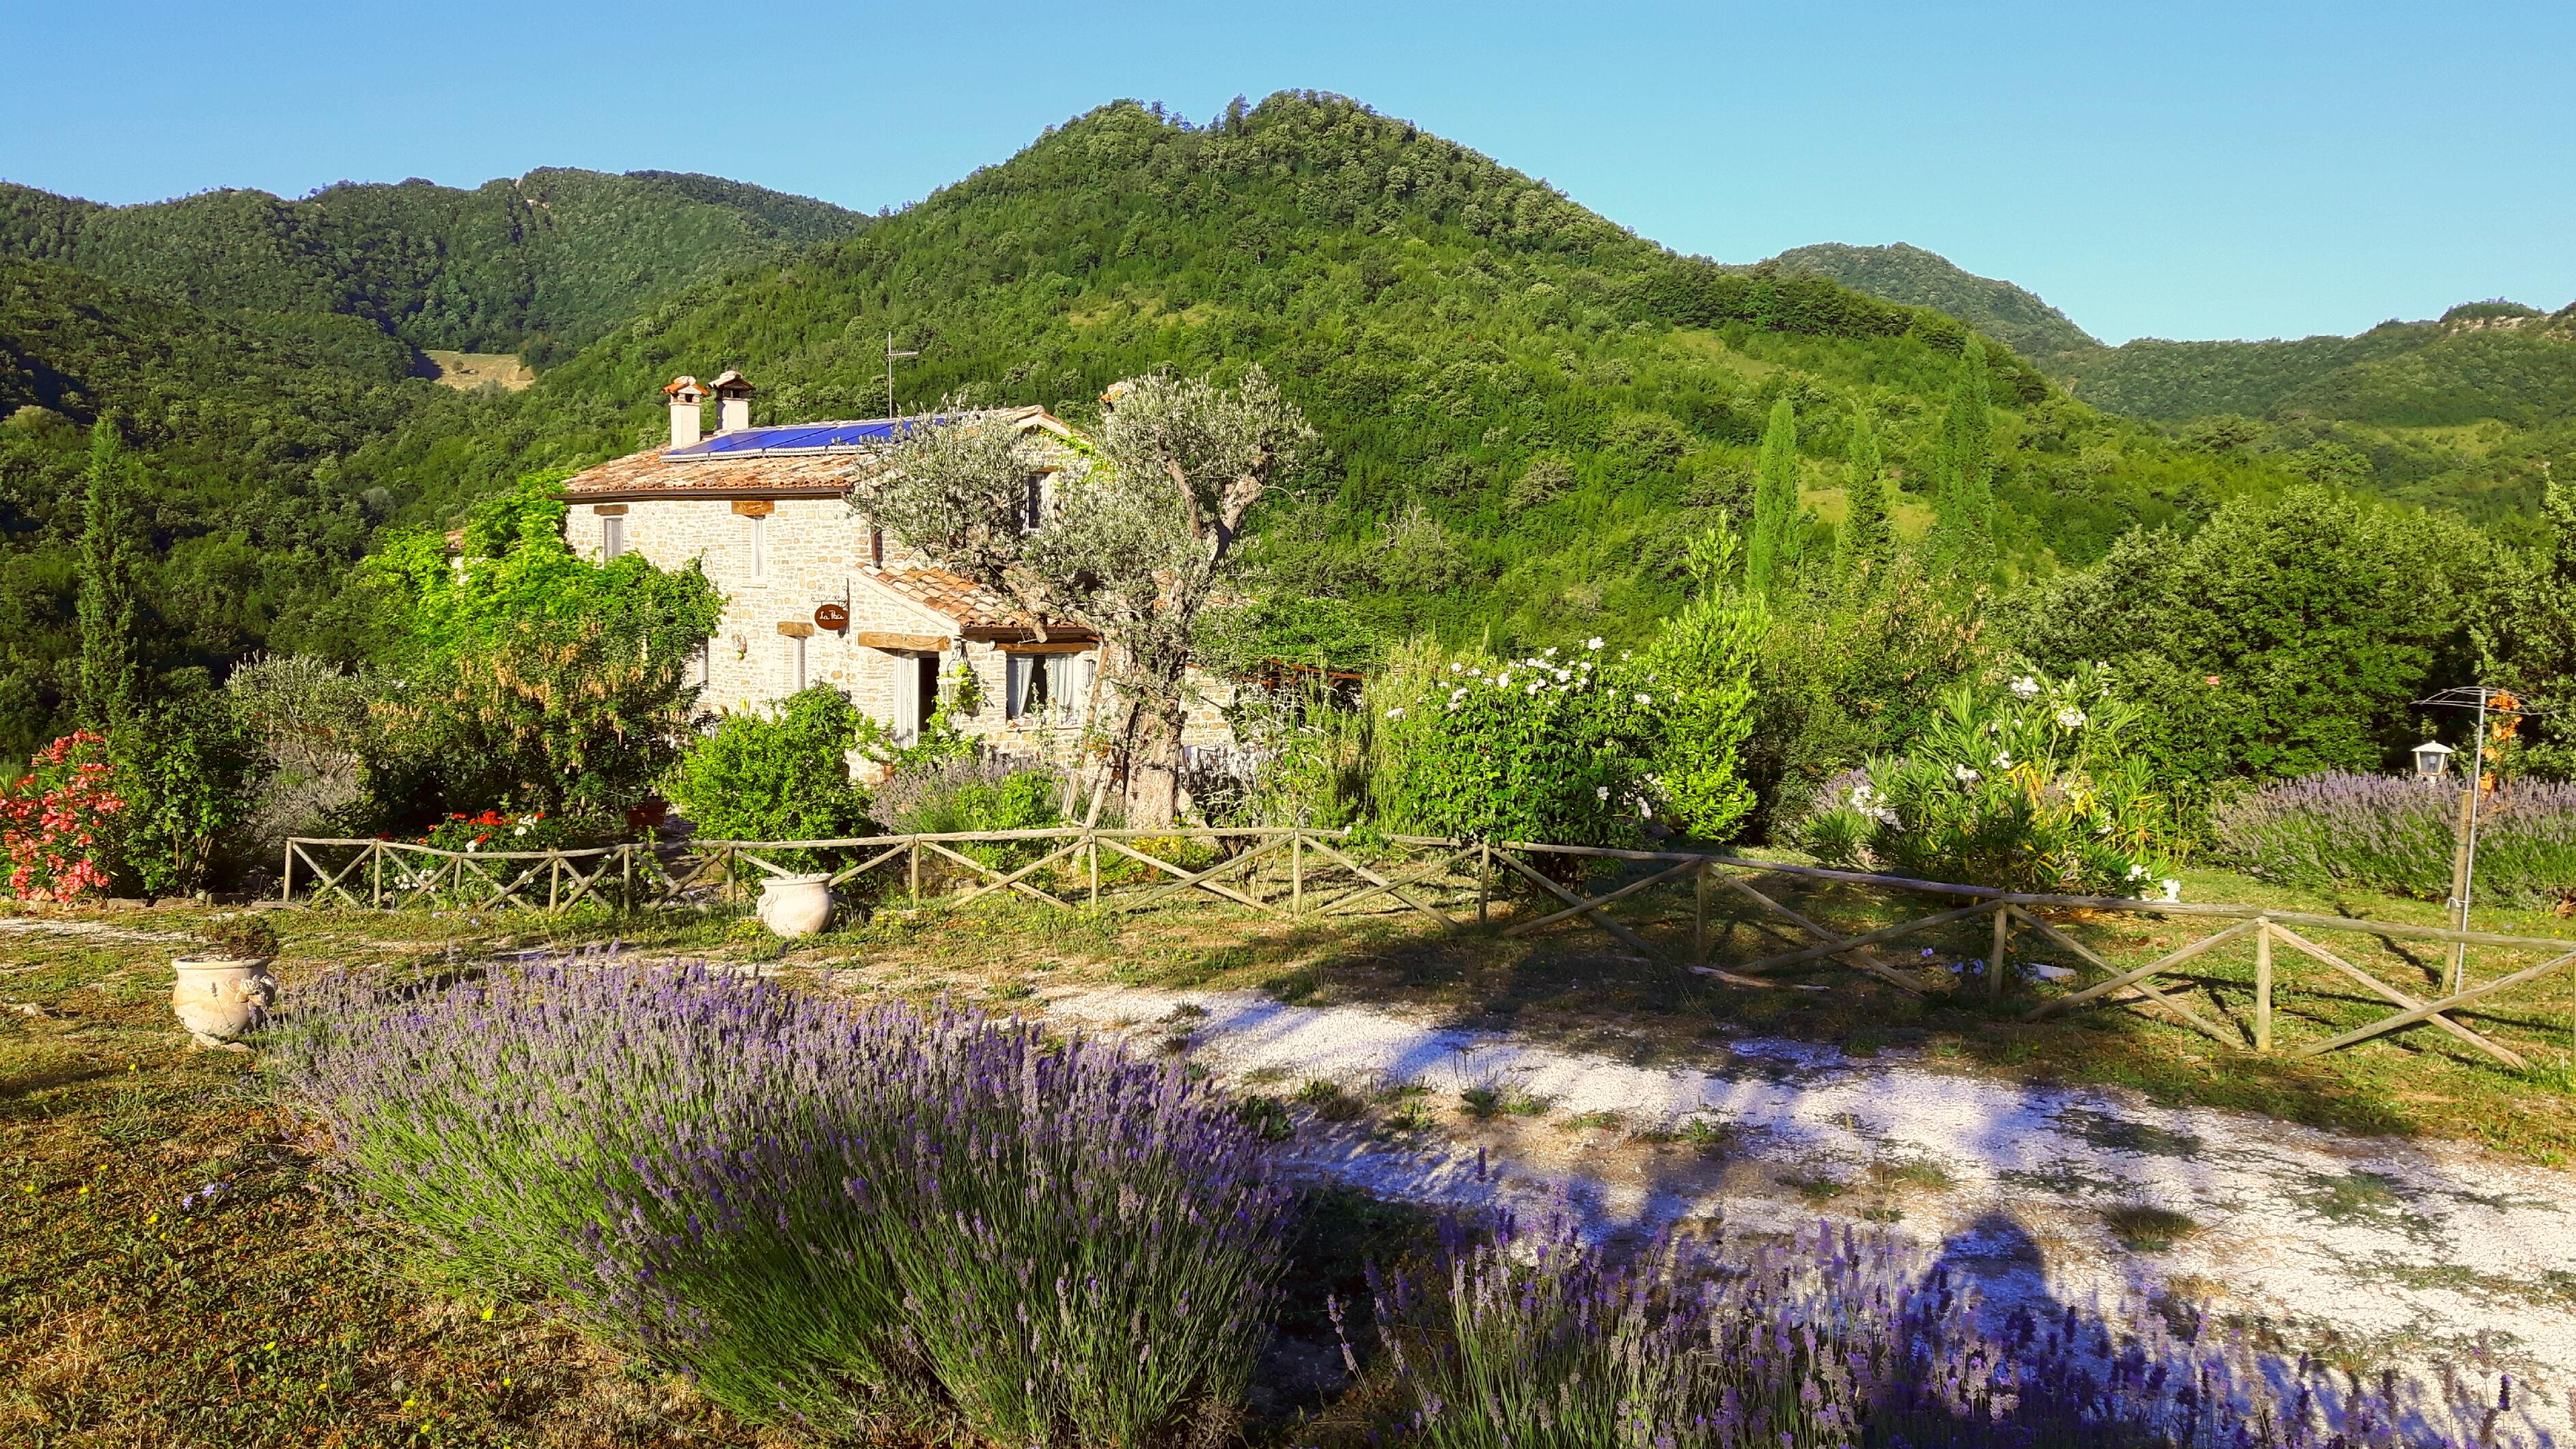 Lavendelreise in die Toskana